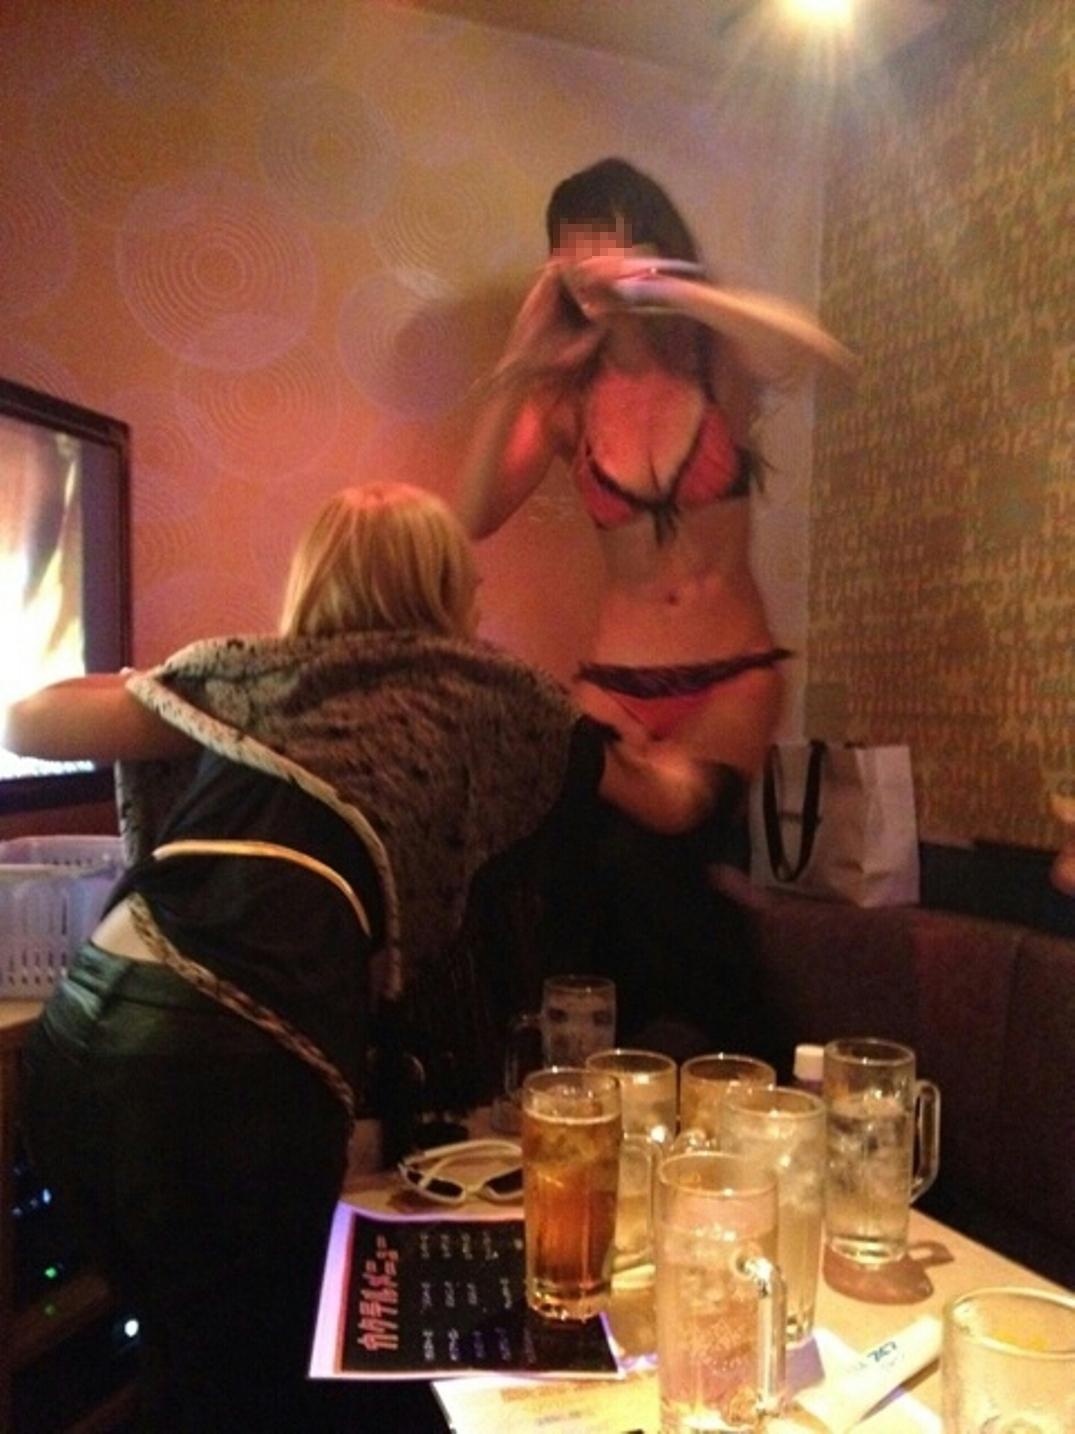 【泥酔おふざけエロ画像】酔っ払ったリア充女子のテンションが本人さえもドン引き…黒歴史となるおふざけエロ画像 その1